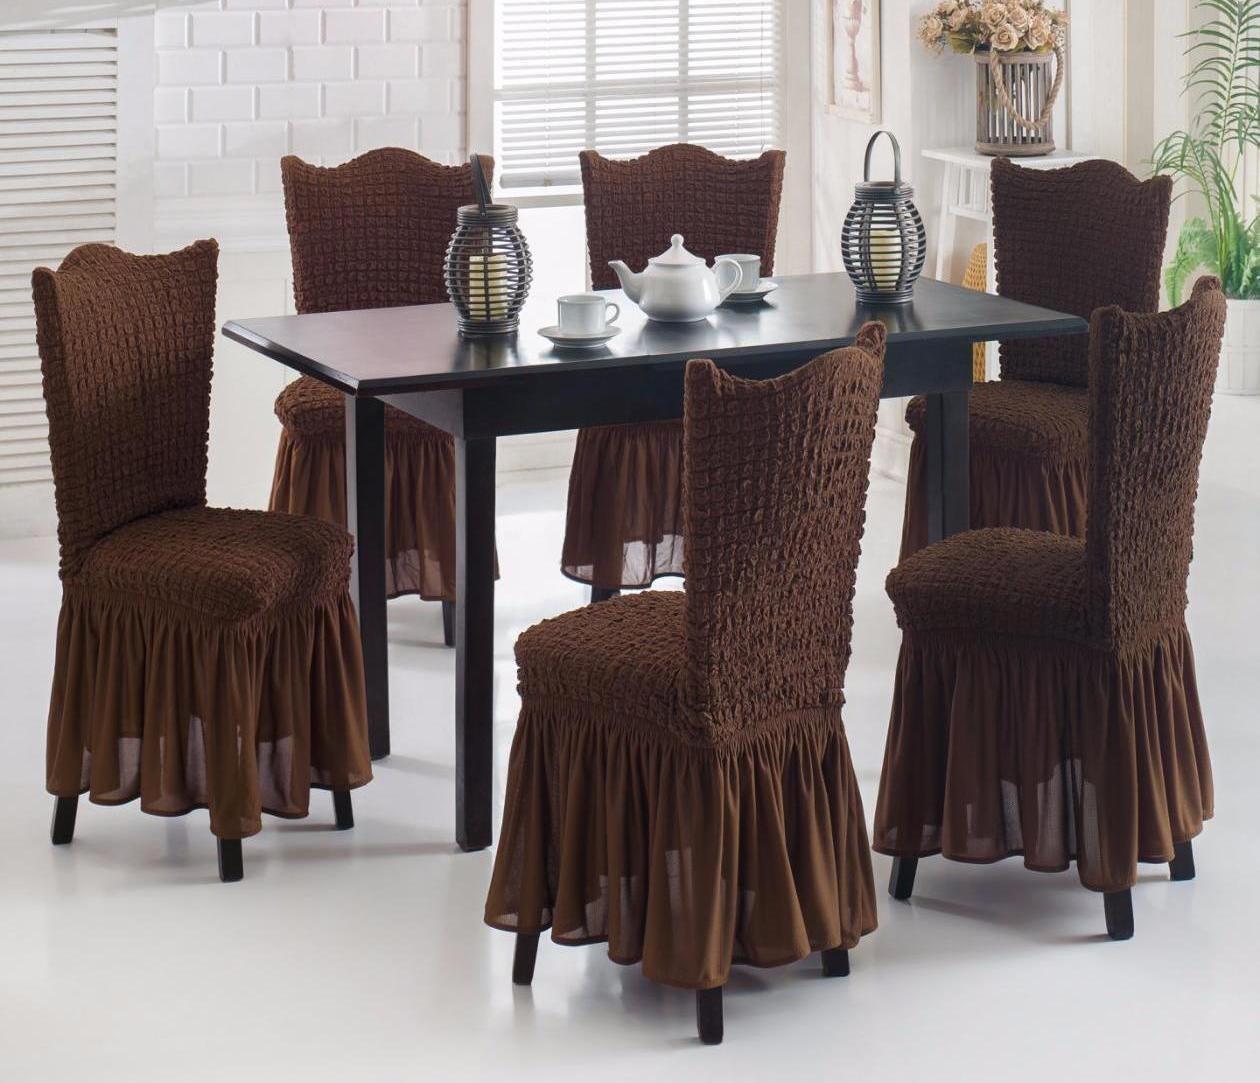 чехлы для стульев в стиле помещения